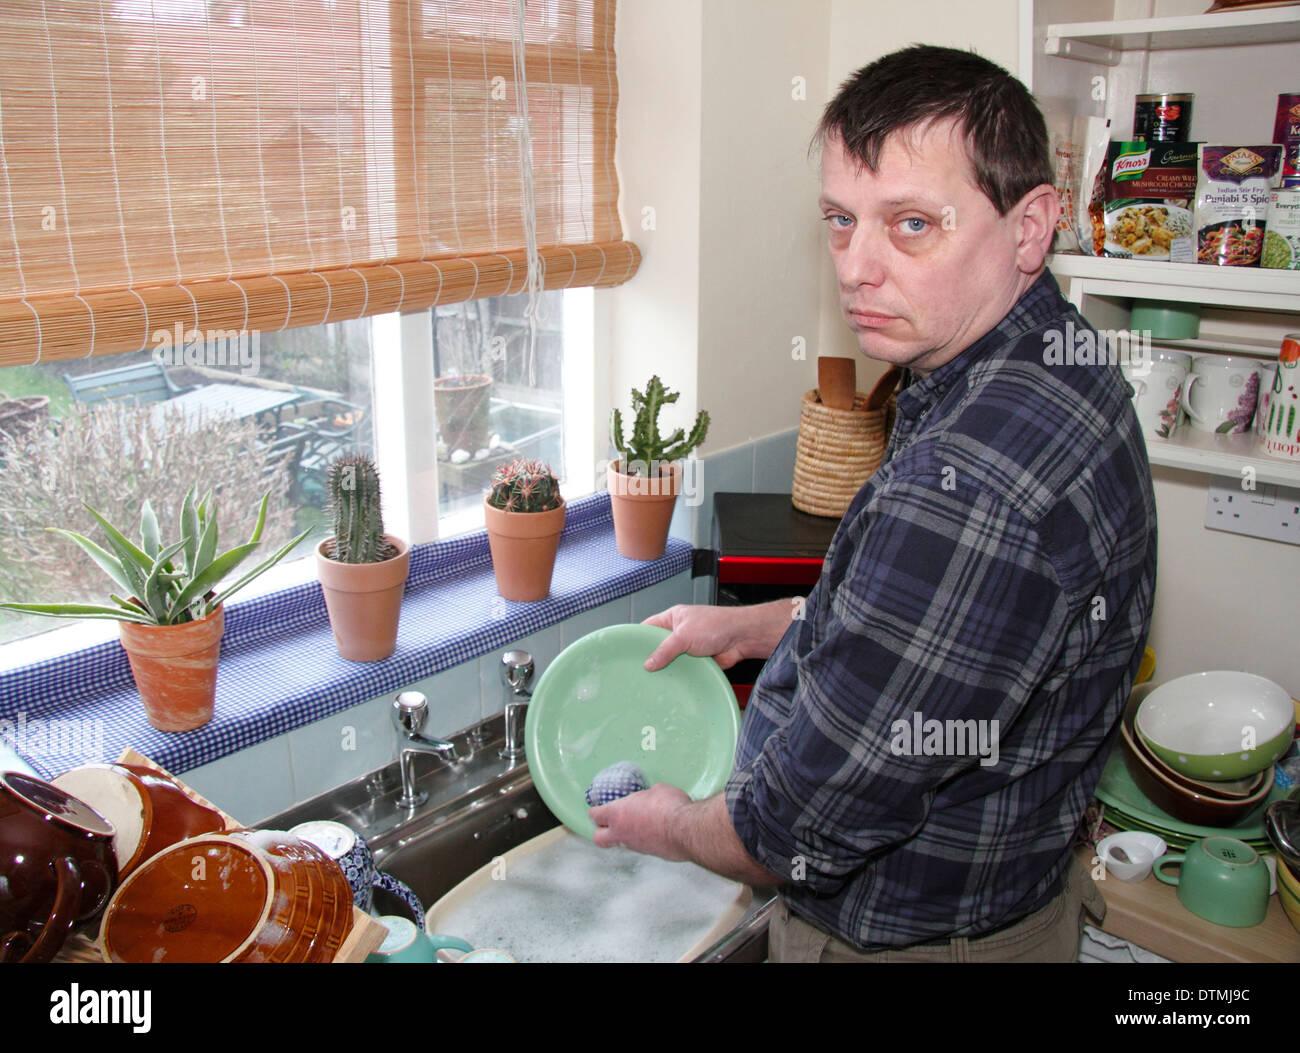 Man washing up pots avec peu d'enthousiasme à un évier de cuisine à la maison, England, UK Banque D'Images